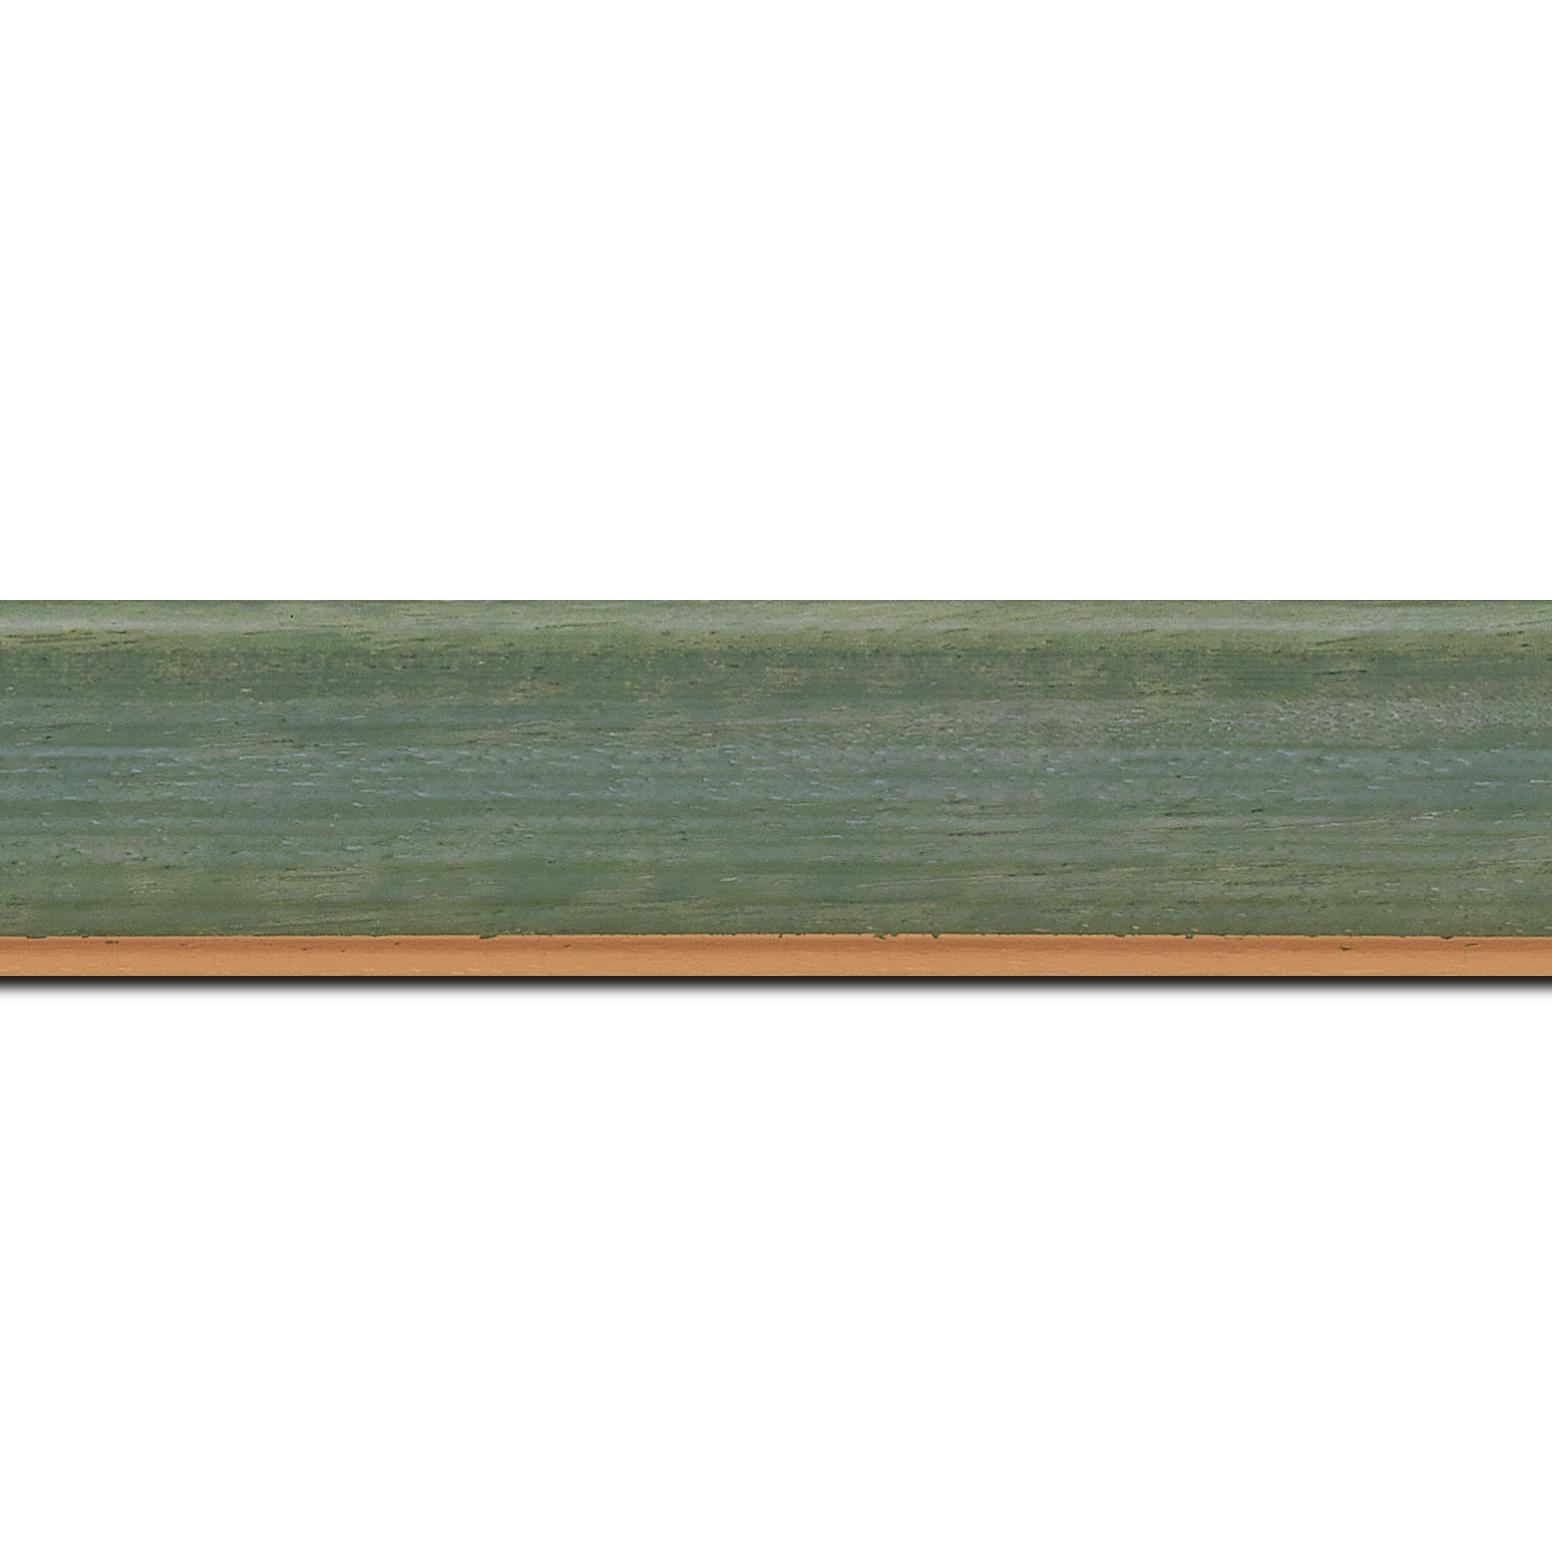 Pack par 12m, bois profil incurvé largeur 3.9cm couleur vert amande satiné filet or (longueur baguette pouvant varier entre 2.40m et 3m selon arrivage des bois)